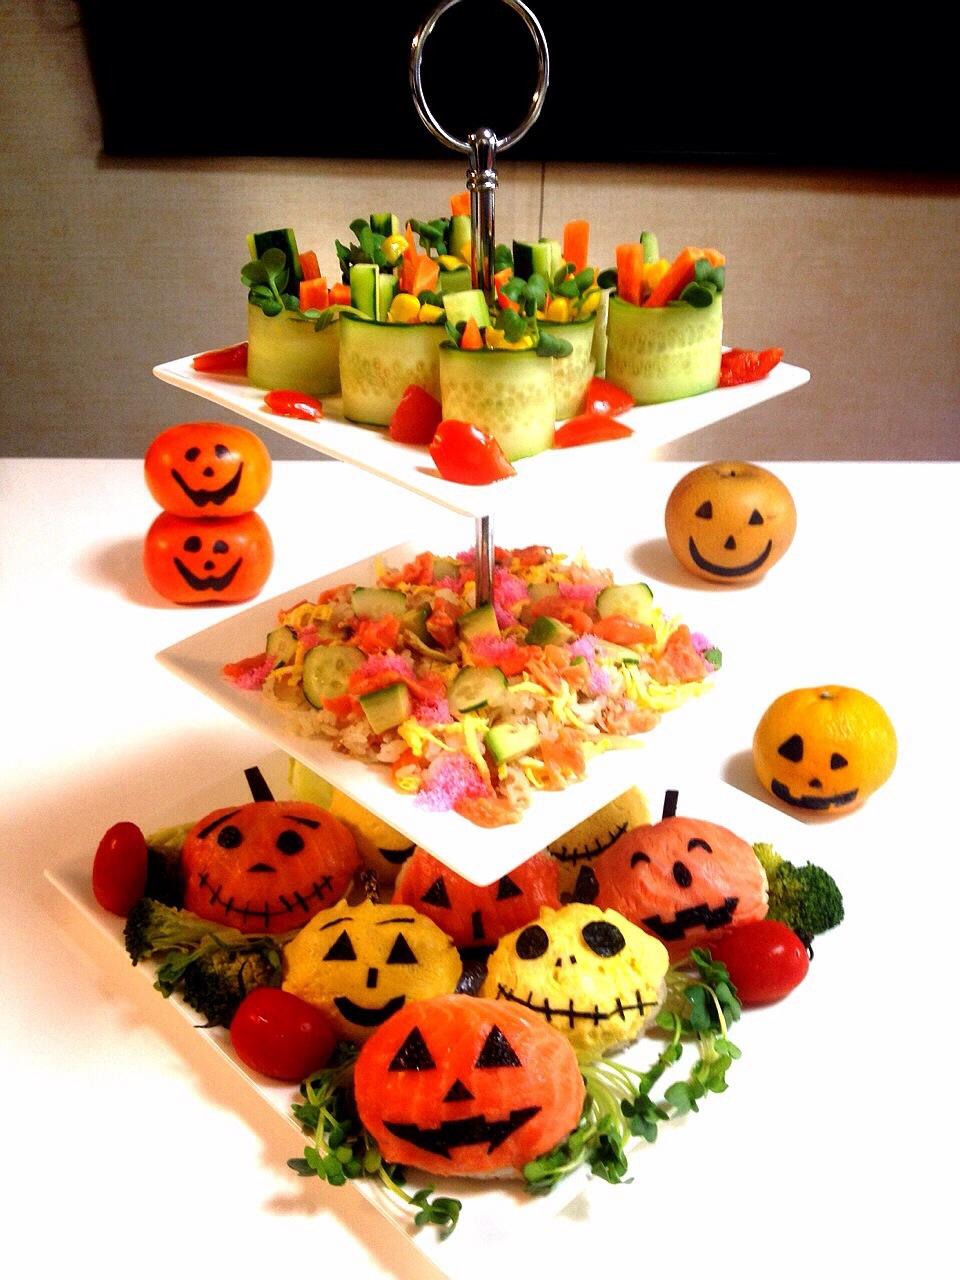 ハロウィンにも大活躍!丸くて可愛い手まり寿司レシピを紹介します!のサムネイル画像